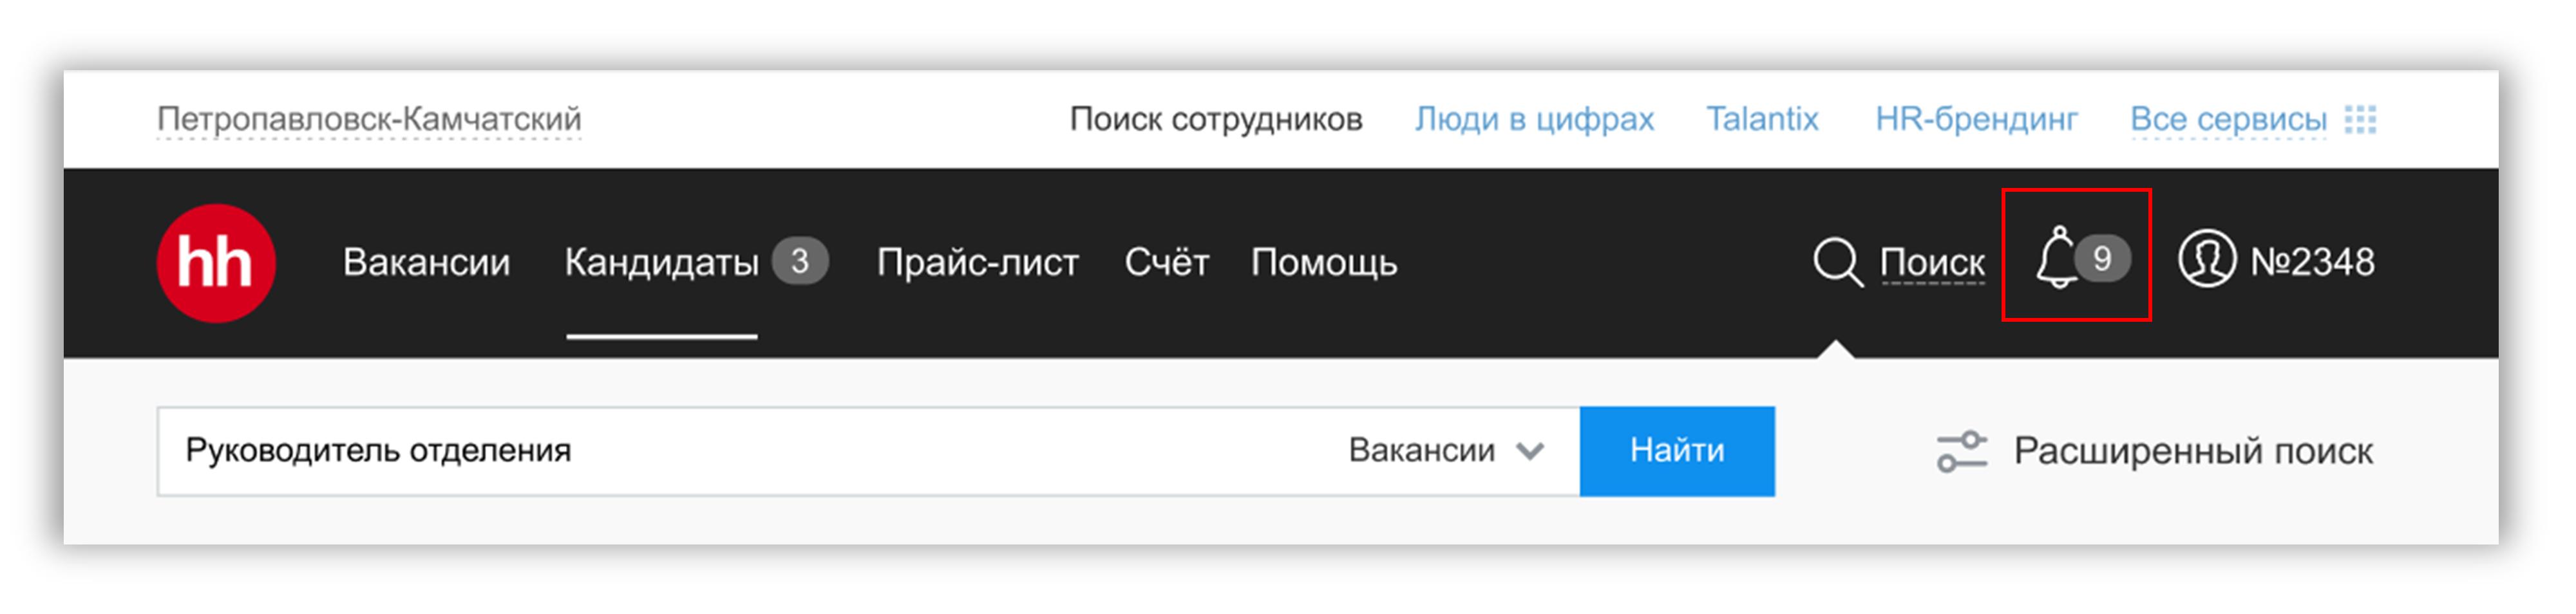 Новая навигация на hh.ru: рассказываем, что поменялось